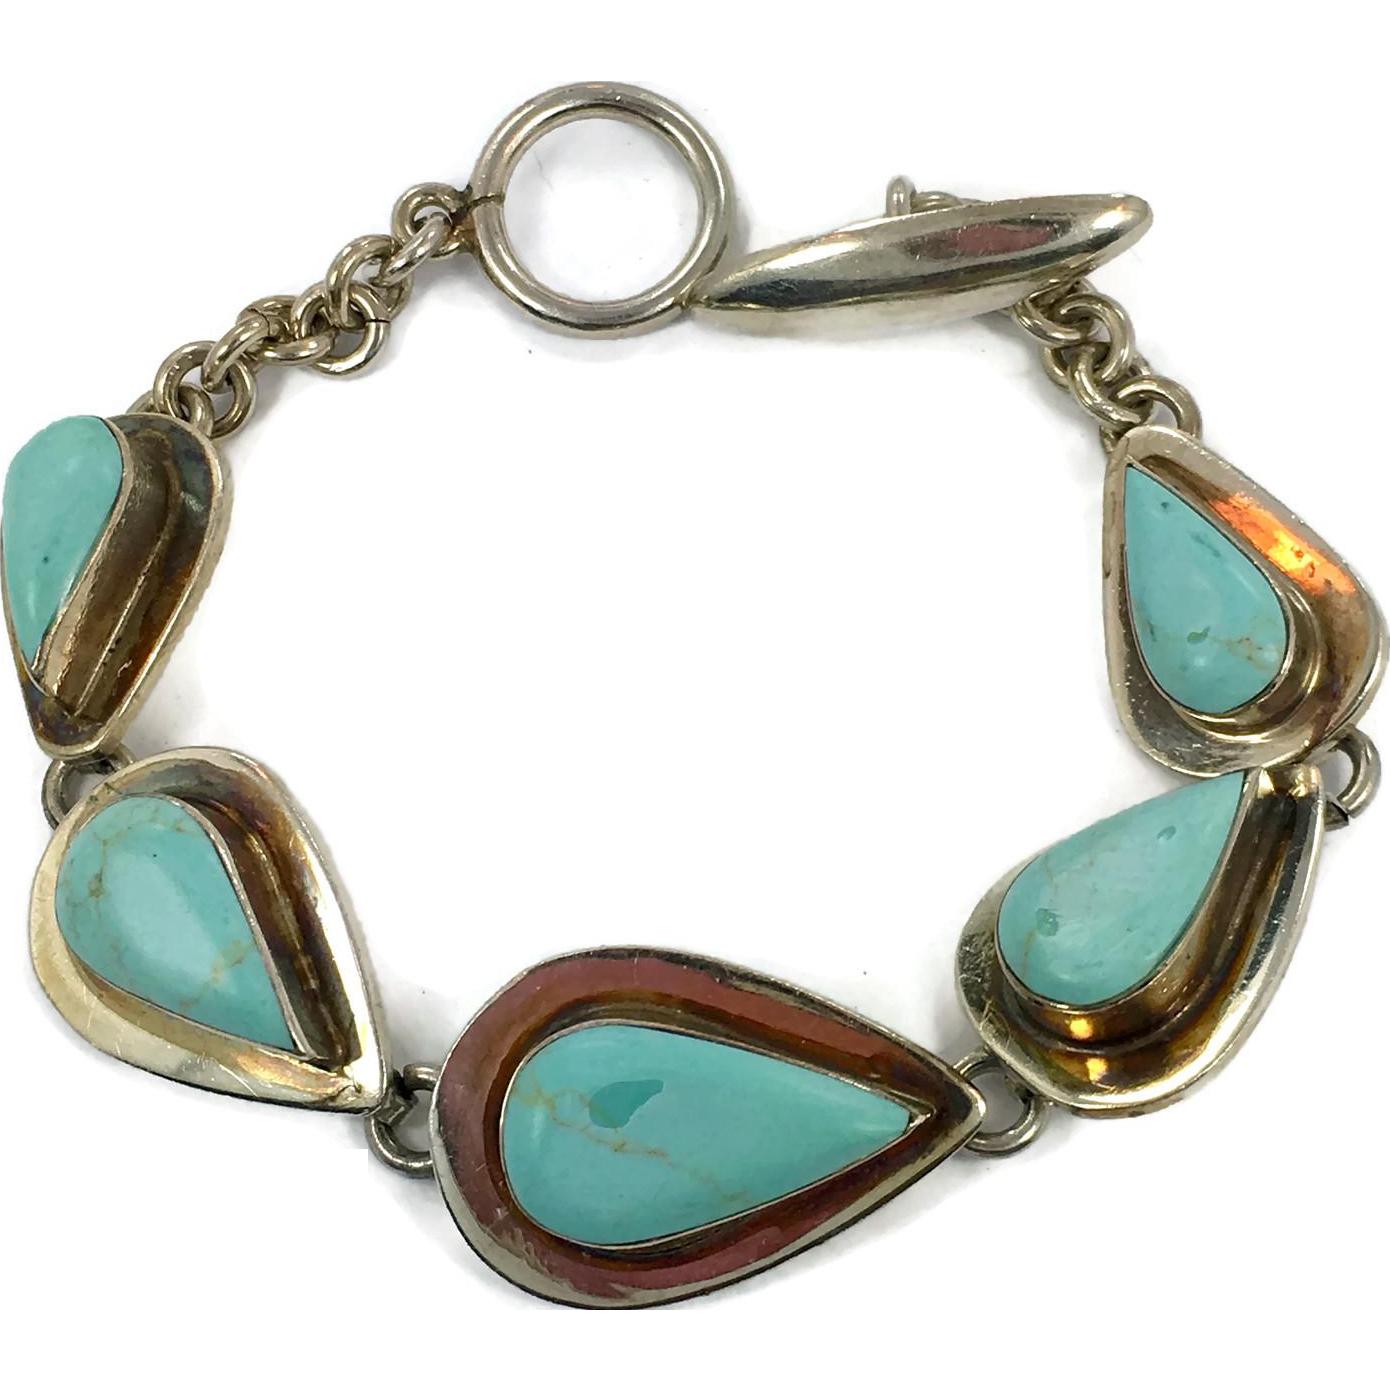 turquoise bracelet sterling silver mexico vintage. Black Bedroom Furniture Sets. Home Design Ideas